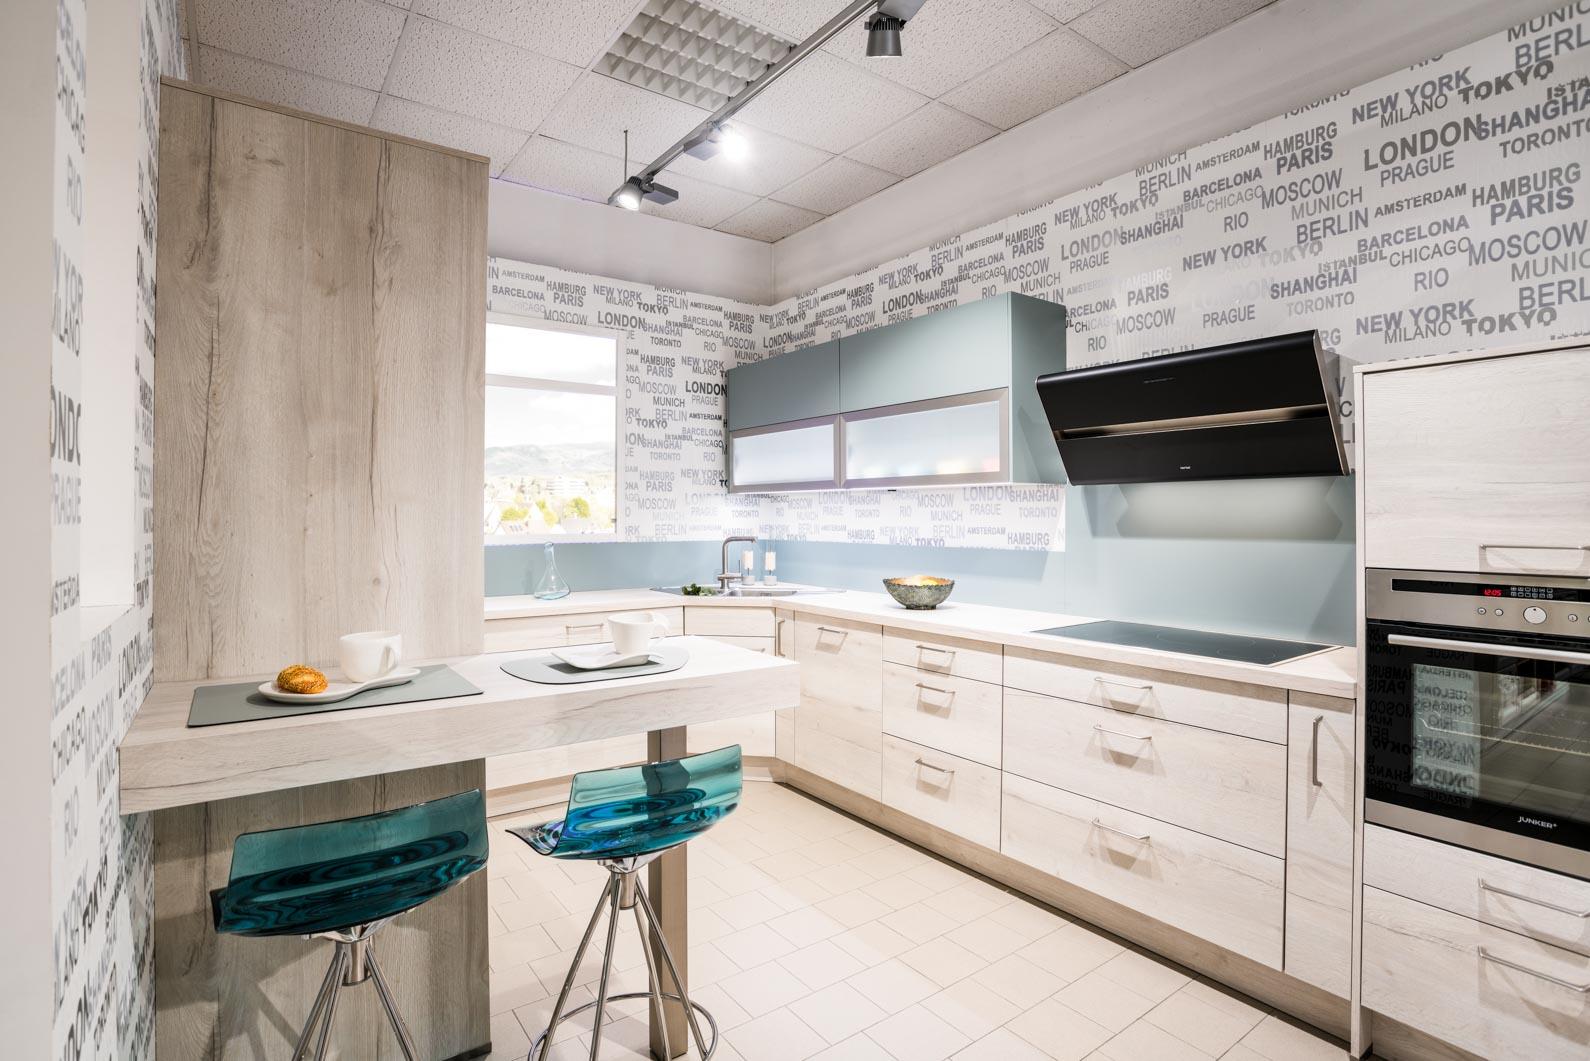 Weisser Küchenstudio Showroom Eckküche mit hellen Fronten